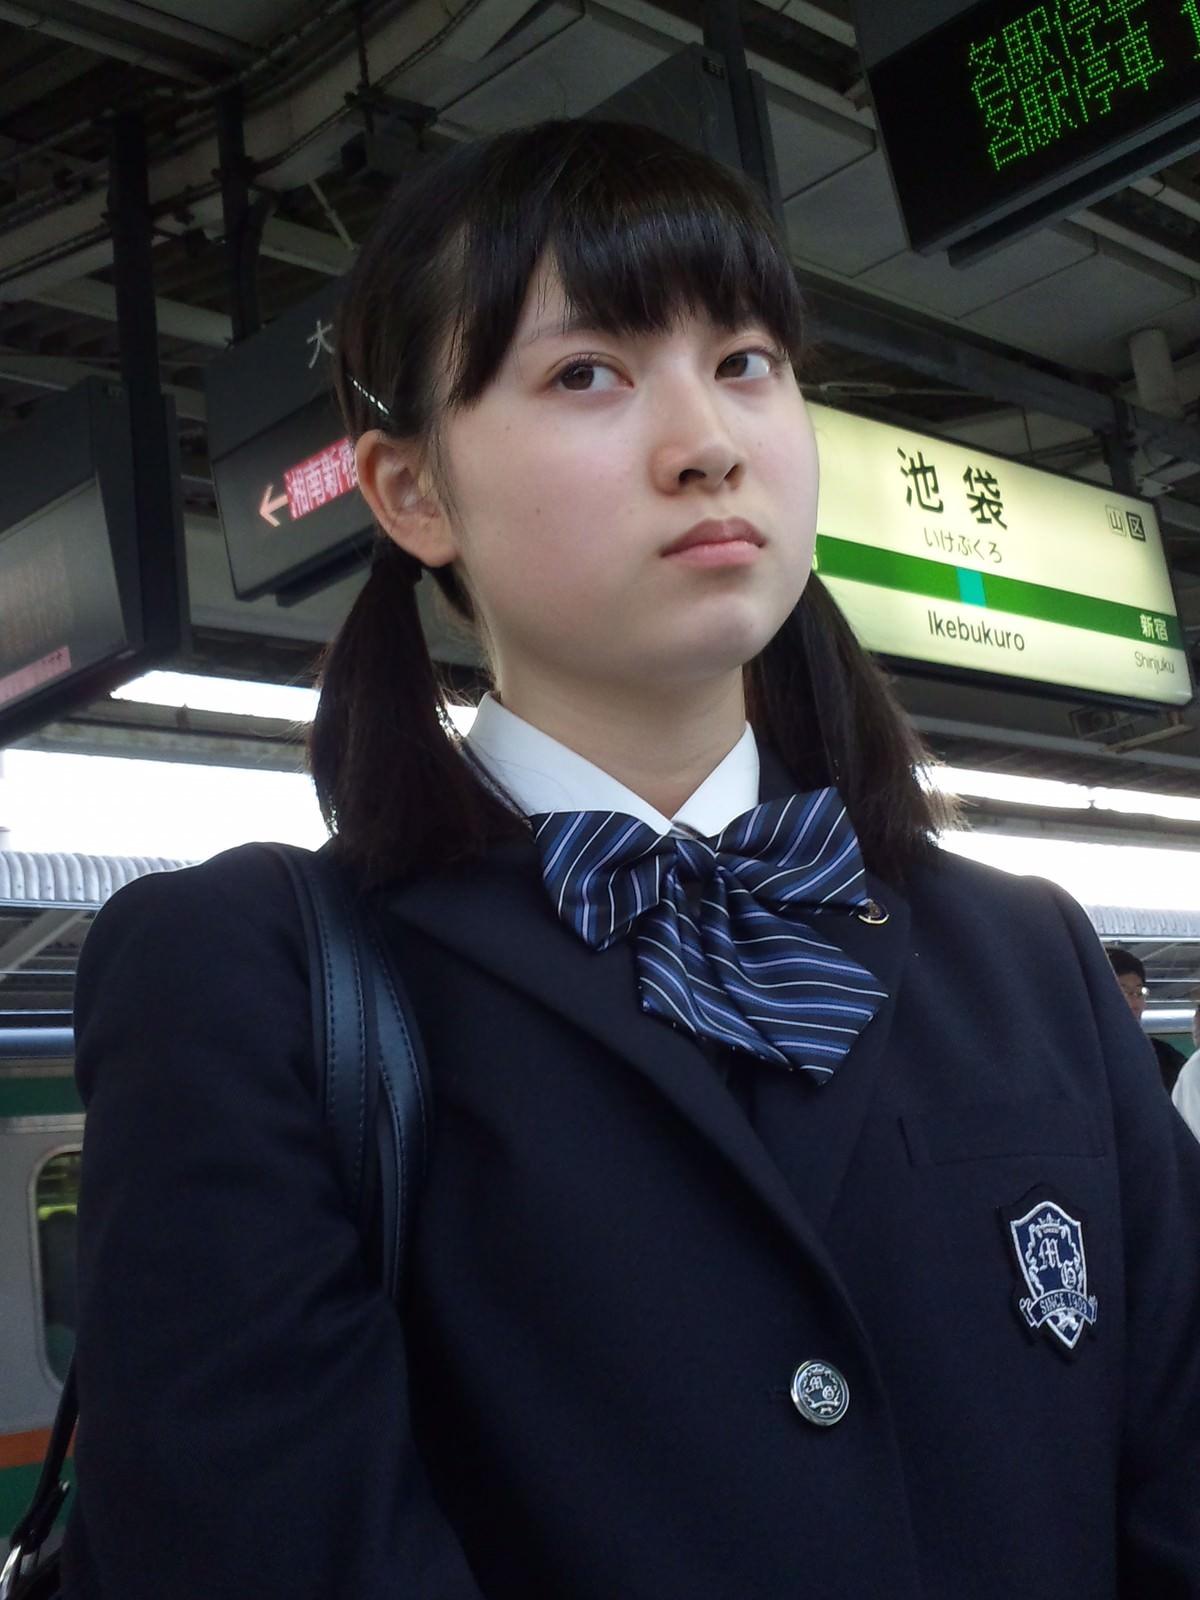 電車で見つけたエロ可愛いJKガチ盗撮wwwwwwww zuOKtjK